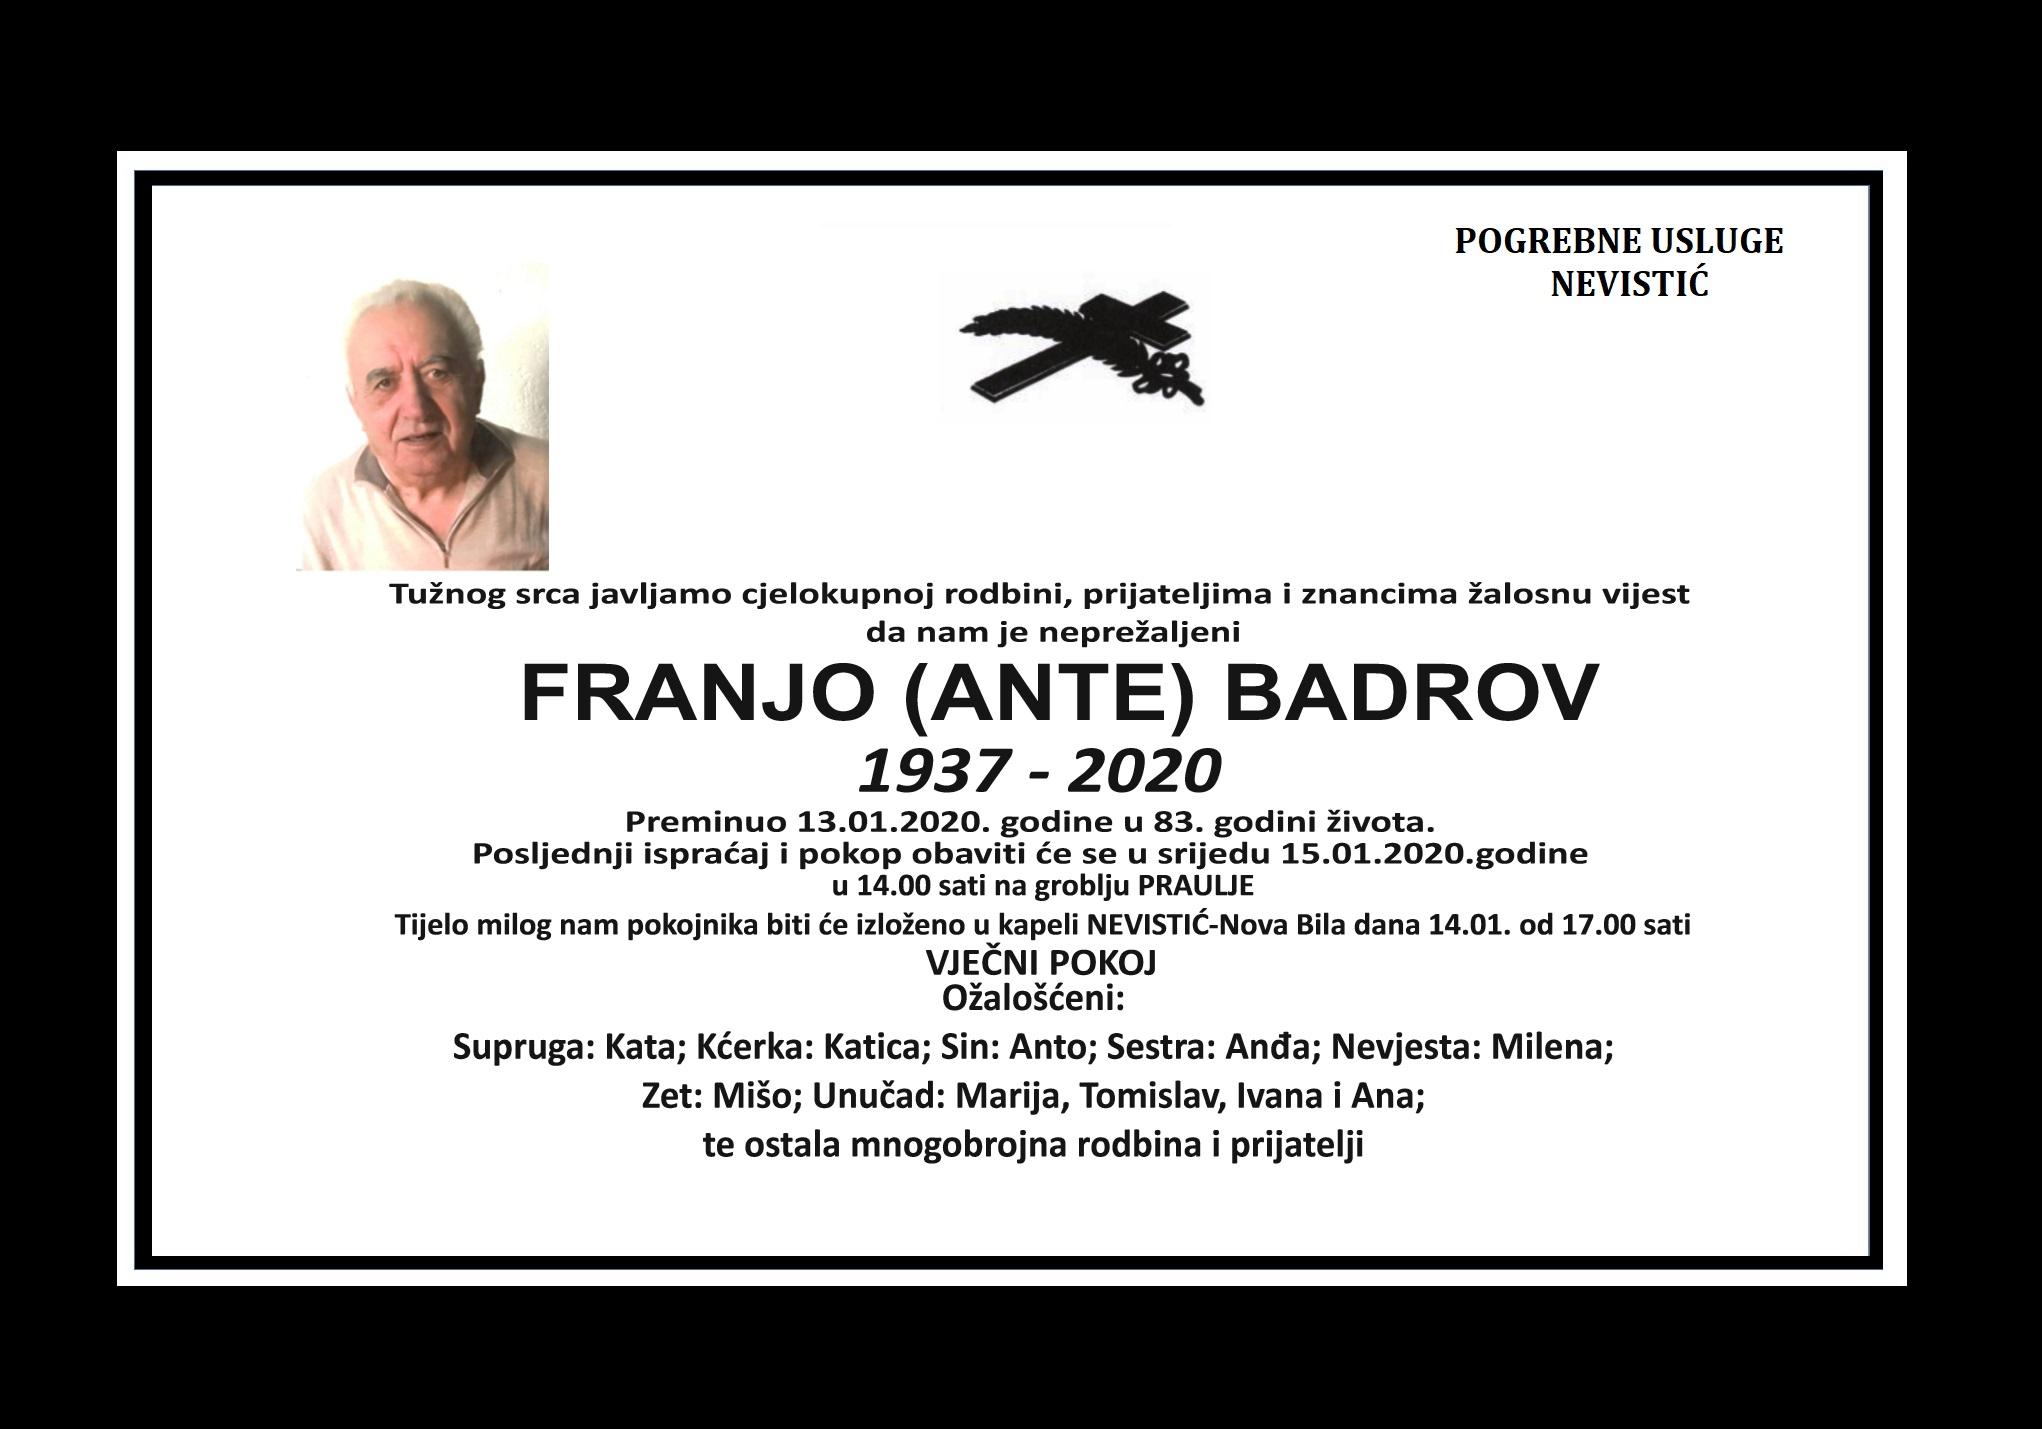 Franjo (Ante) Badrov